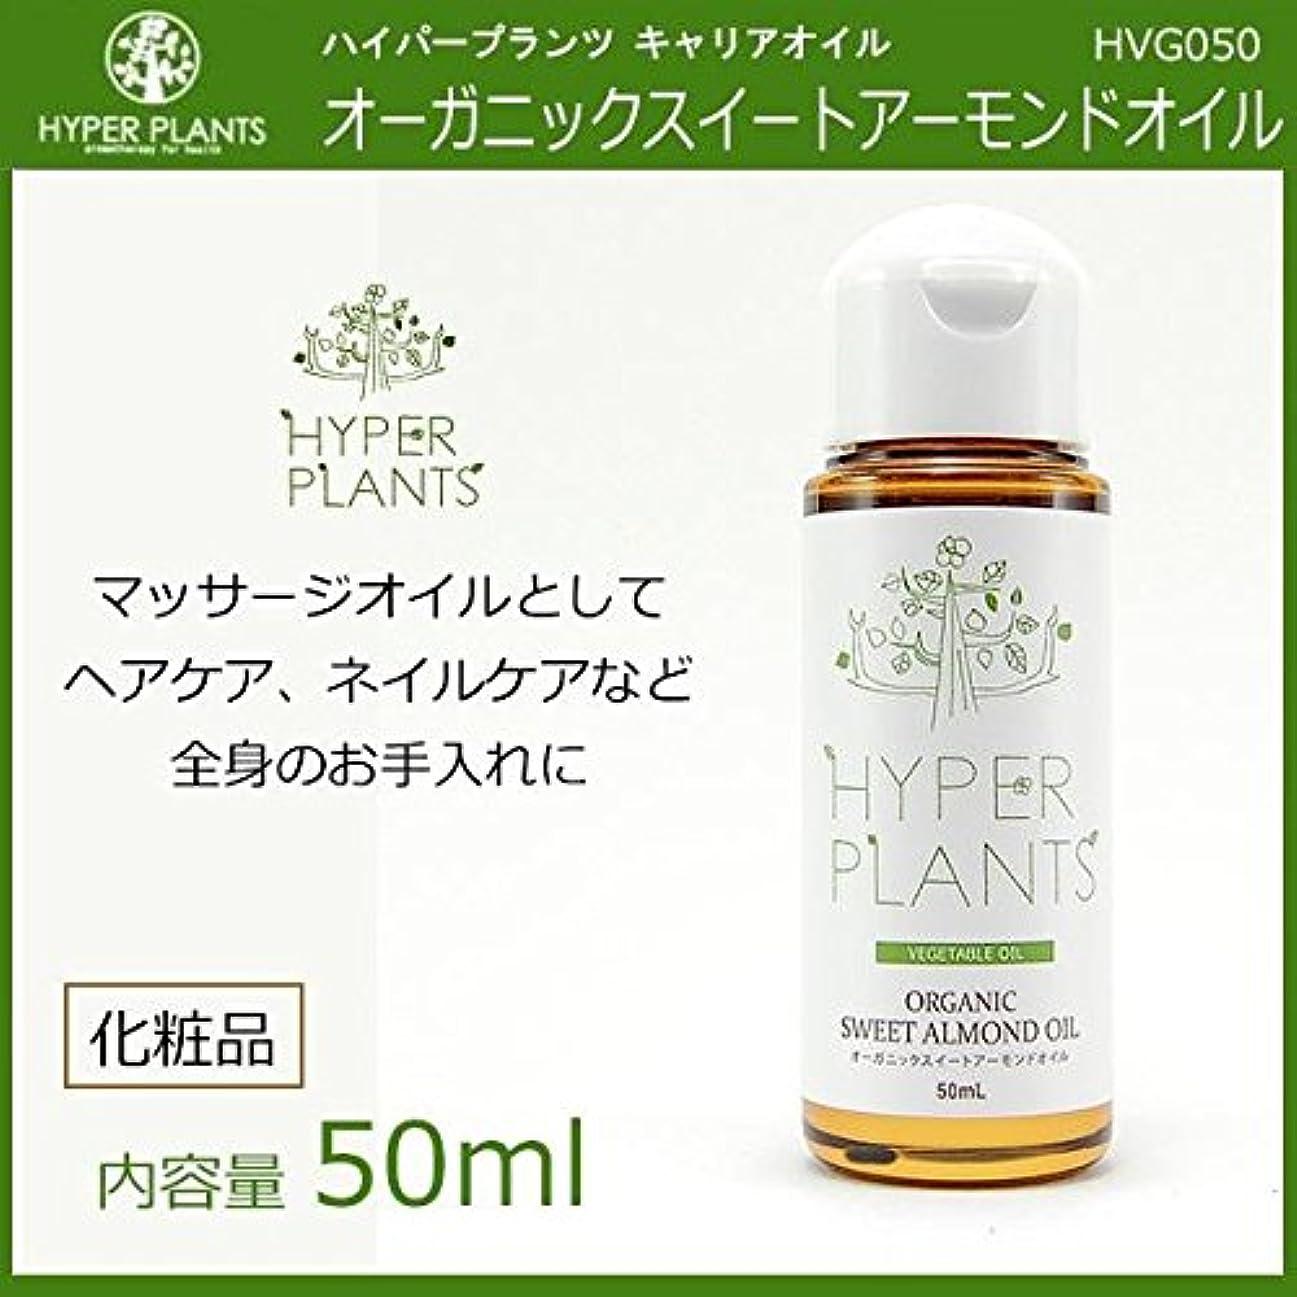 市の花タブレット株式会社HP オーガニック スイートアーモンドオイル 50ml